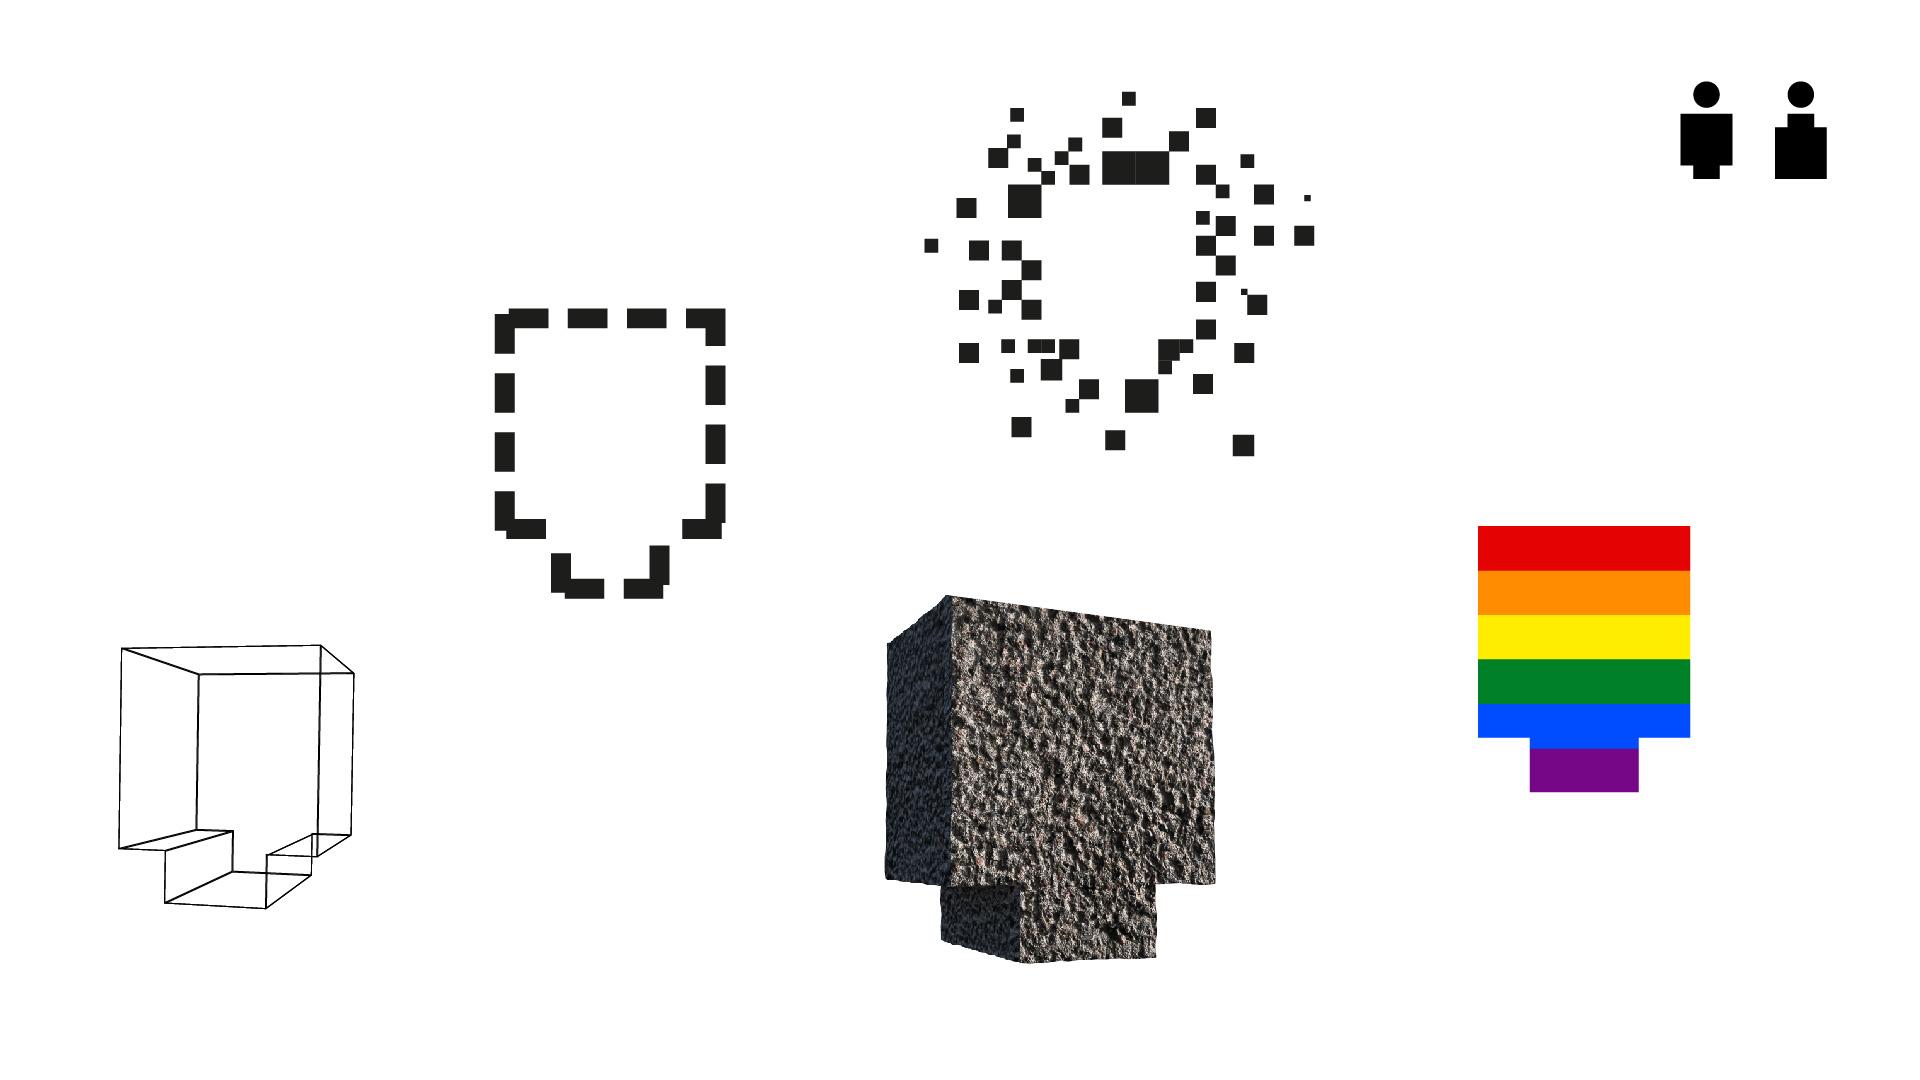 Symboler til Teaterets visuelle identitet